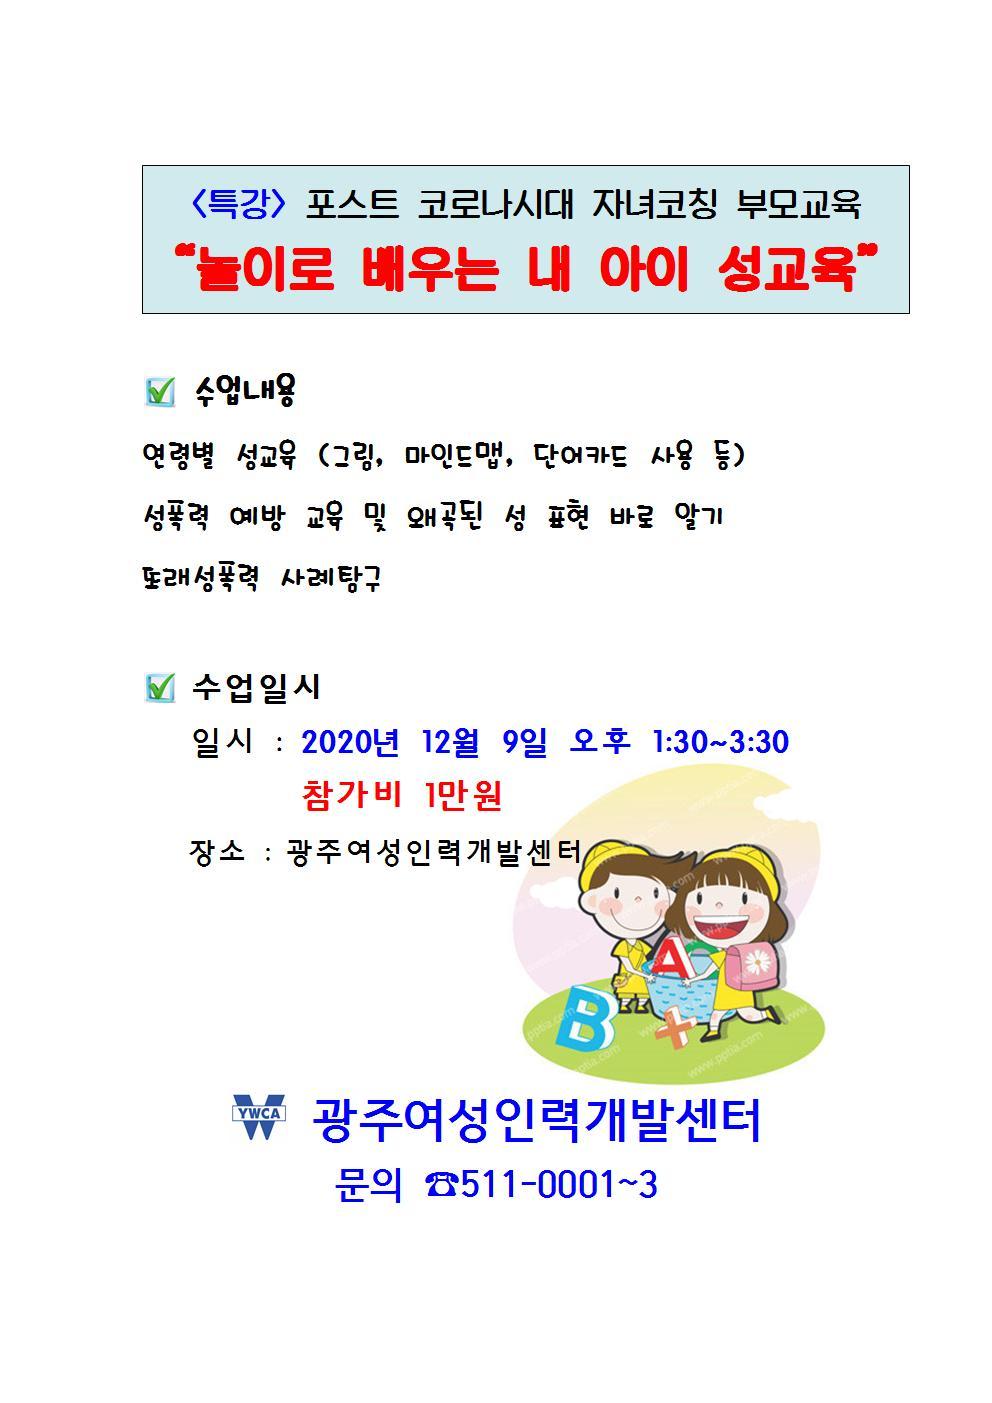 특강 포스트 코로나시대 - 내아이성교육001